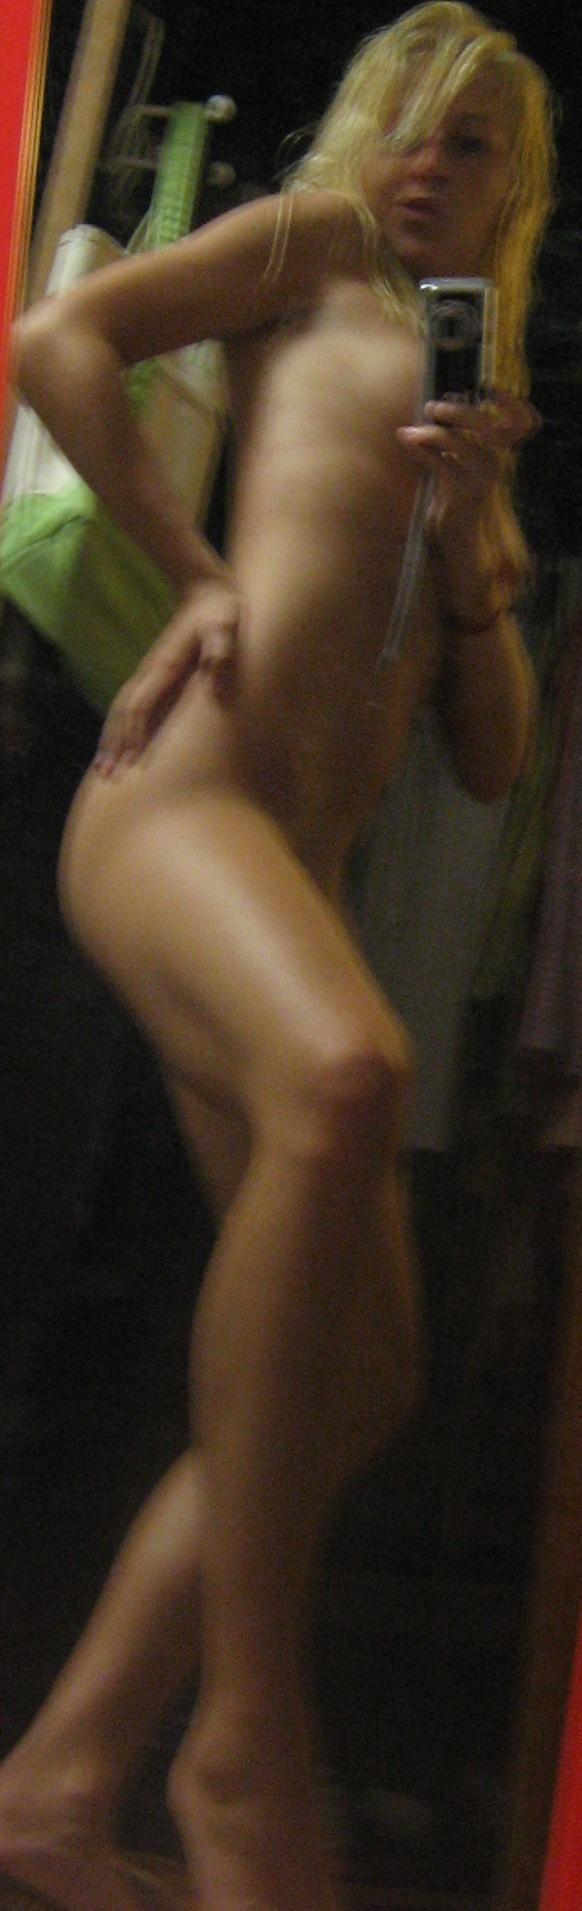 La rubia juega con su camara delante del espejo